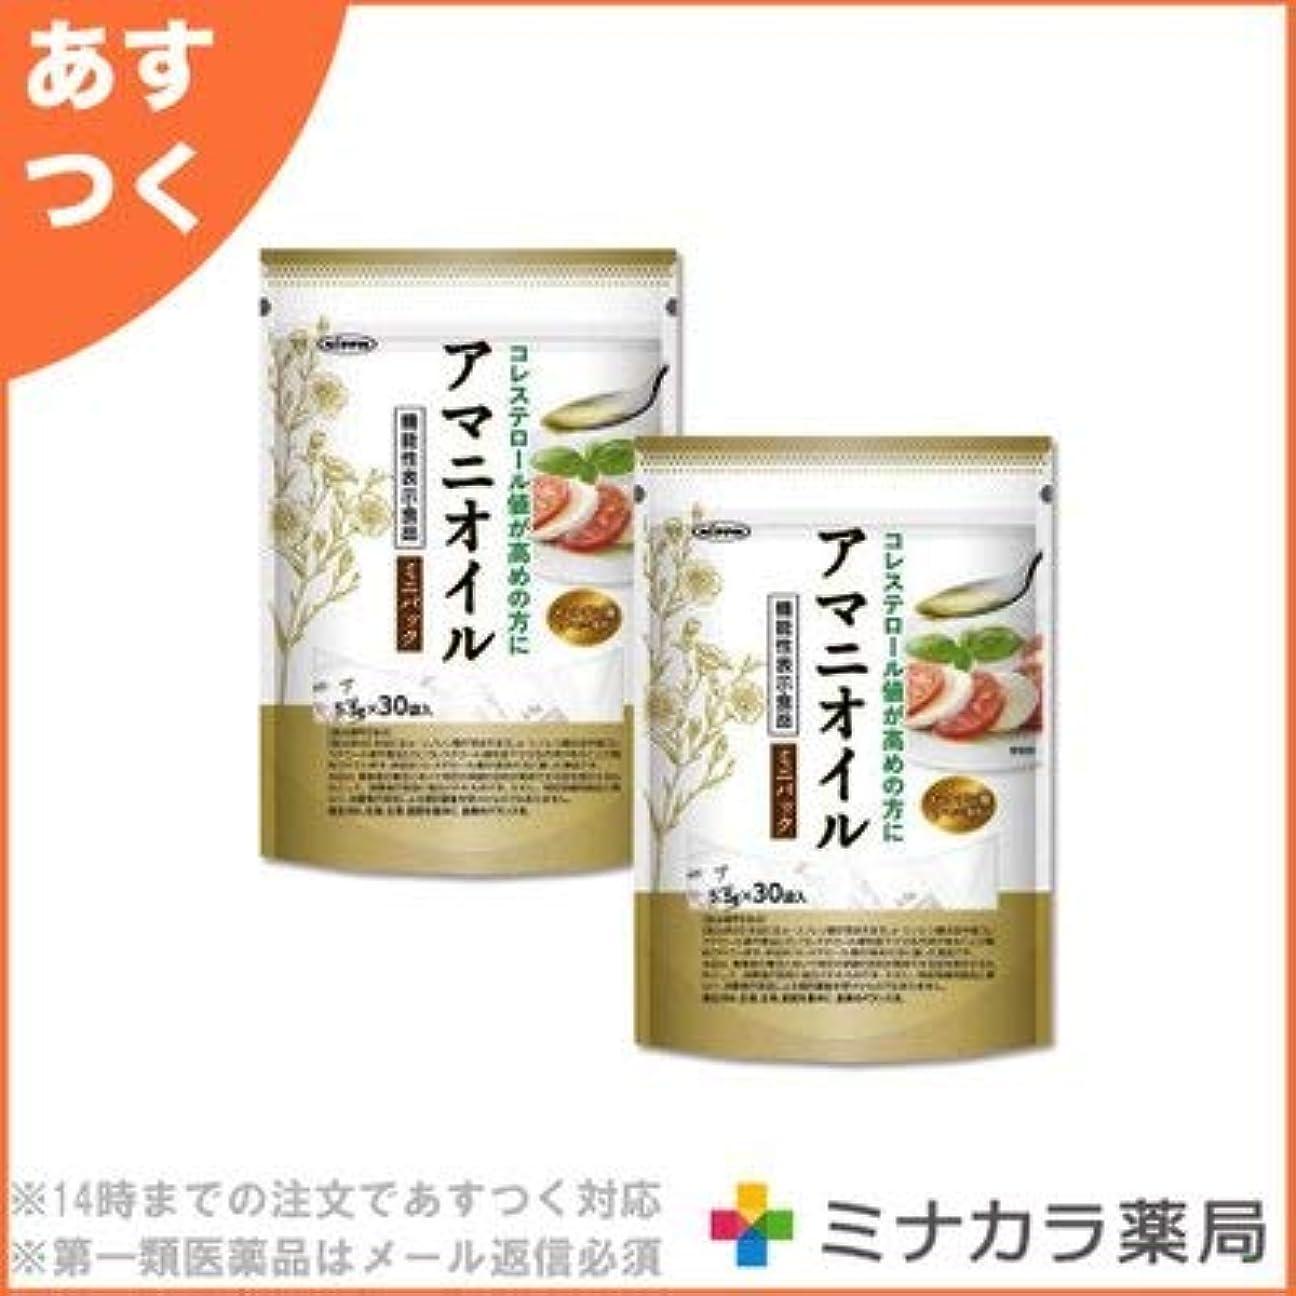 同じ後ろ、背後、背面(部音楽家日本製粉 アマニオイル ミニパック 5.5g×30 (機能性表示食品)×2個セット